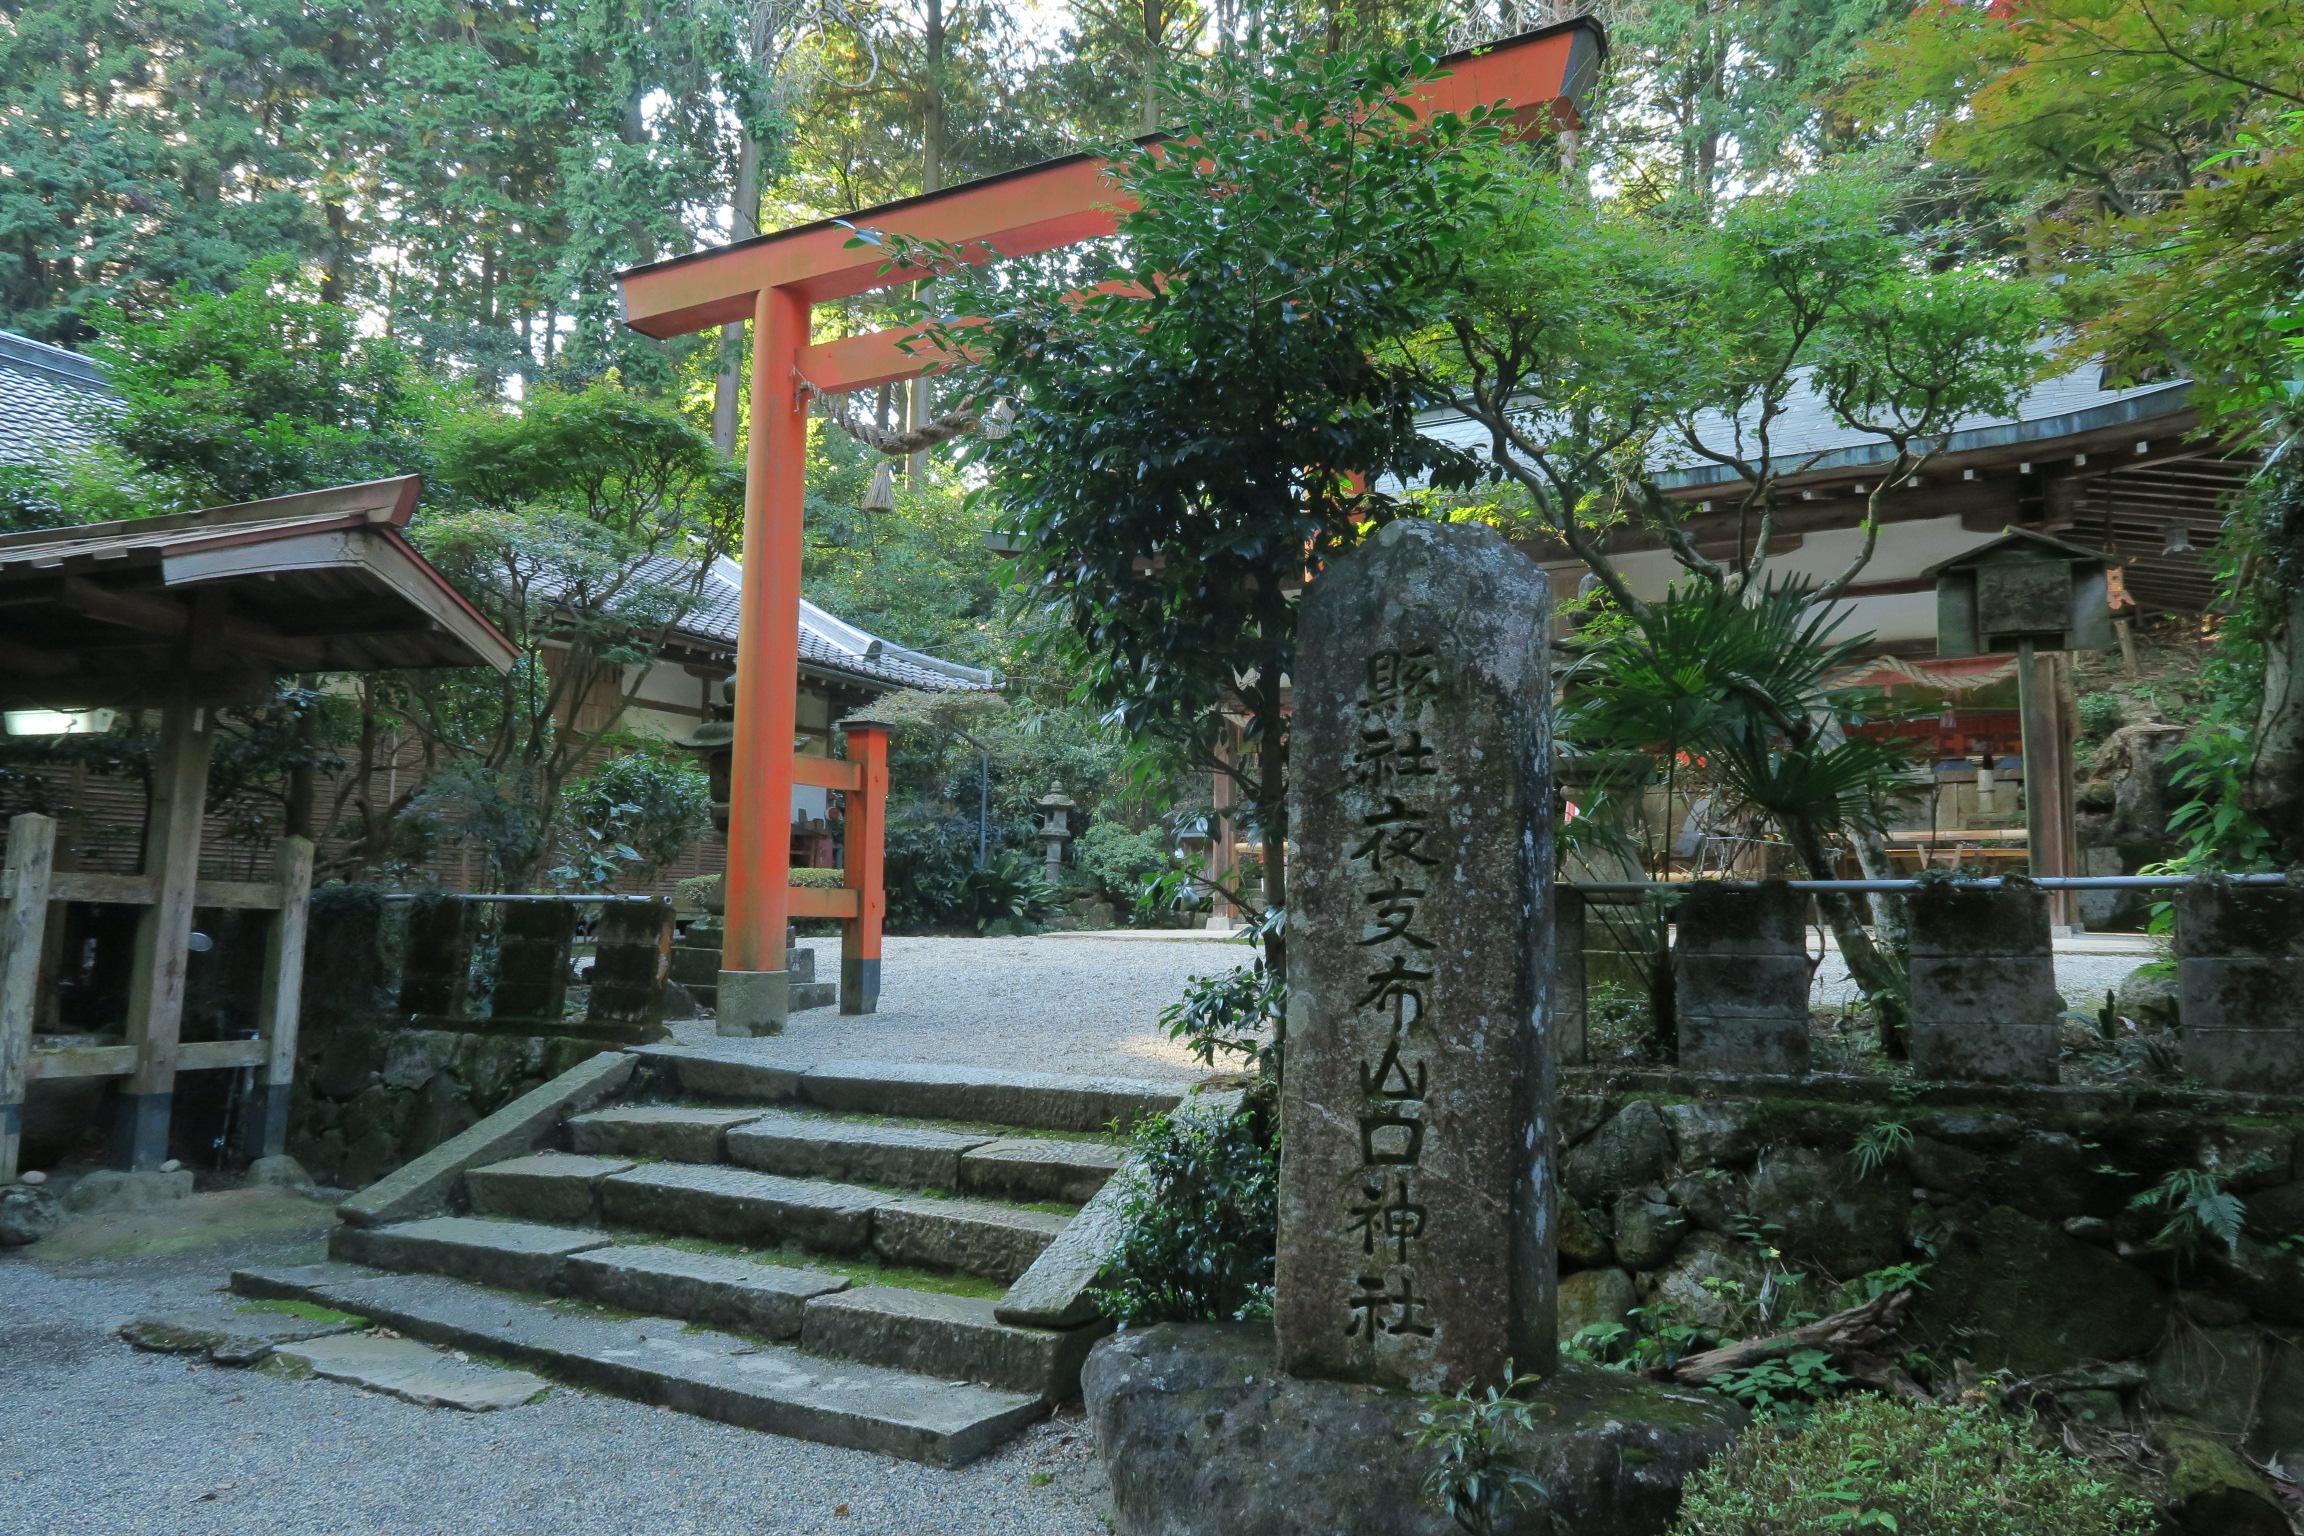 この神社は一年交代で集落の長老の家に神様の分霊をむかえる「回り明神」という行事が残っているそうです。